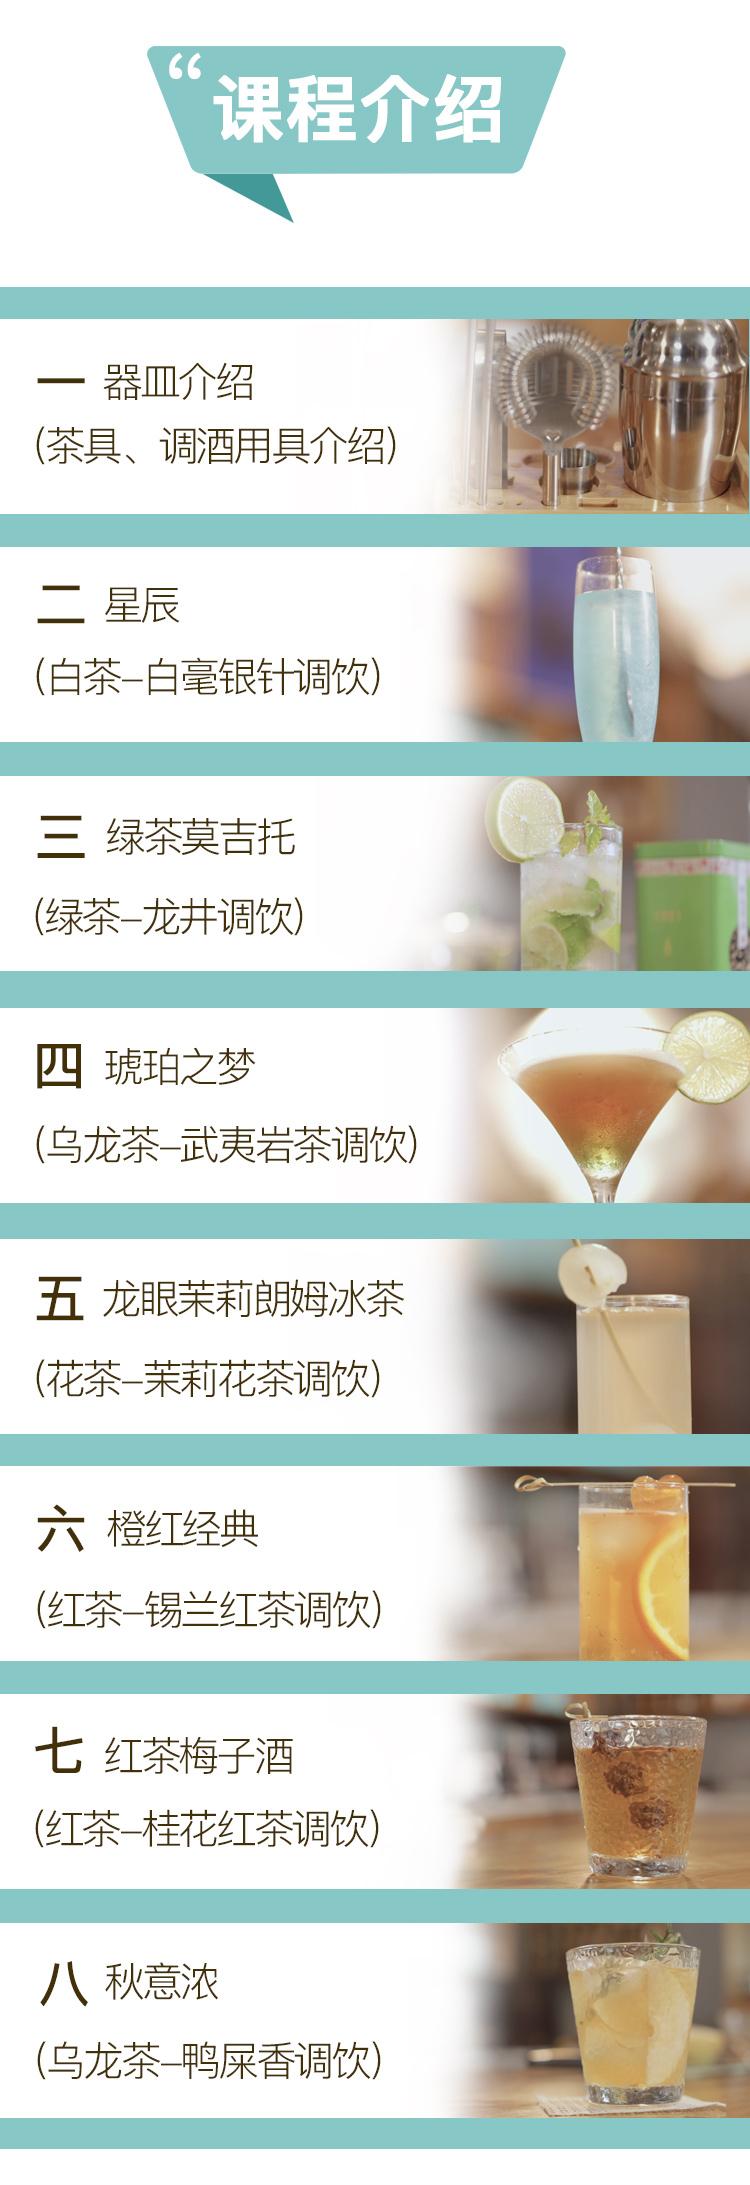 茶酒调饮_05